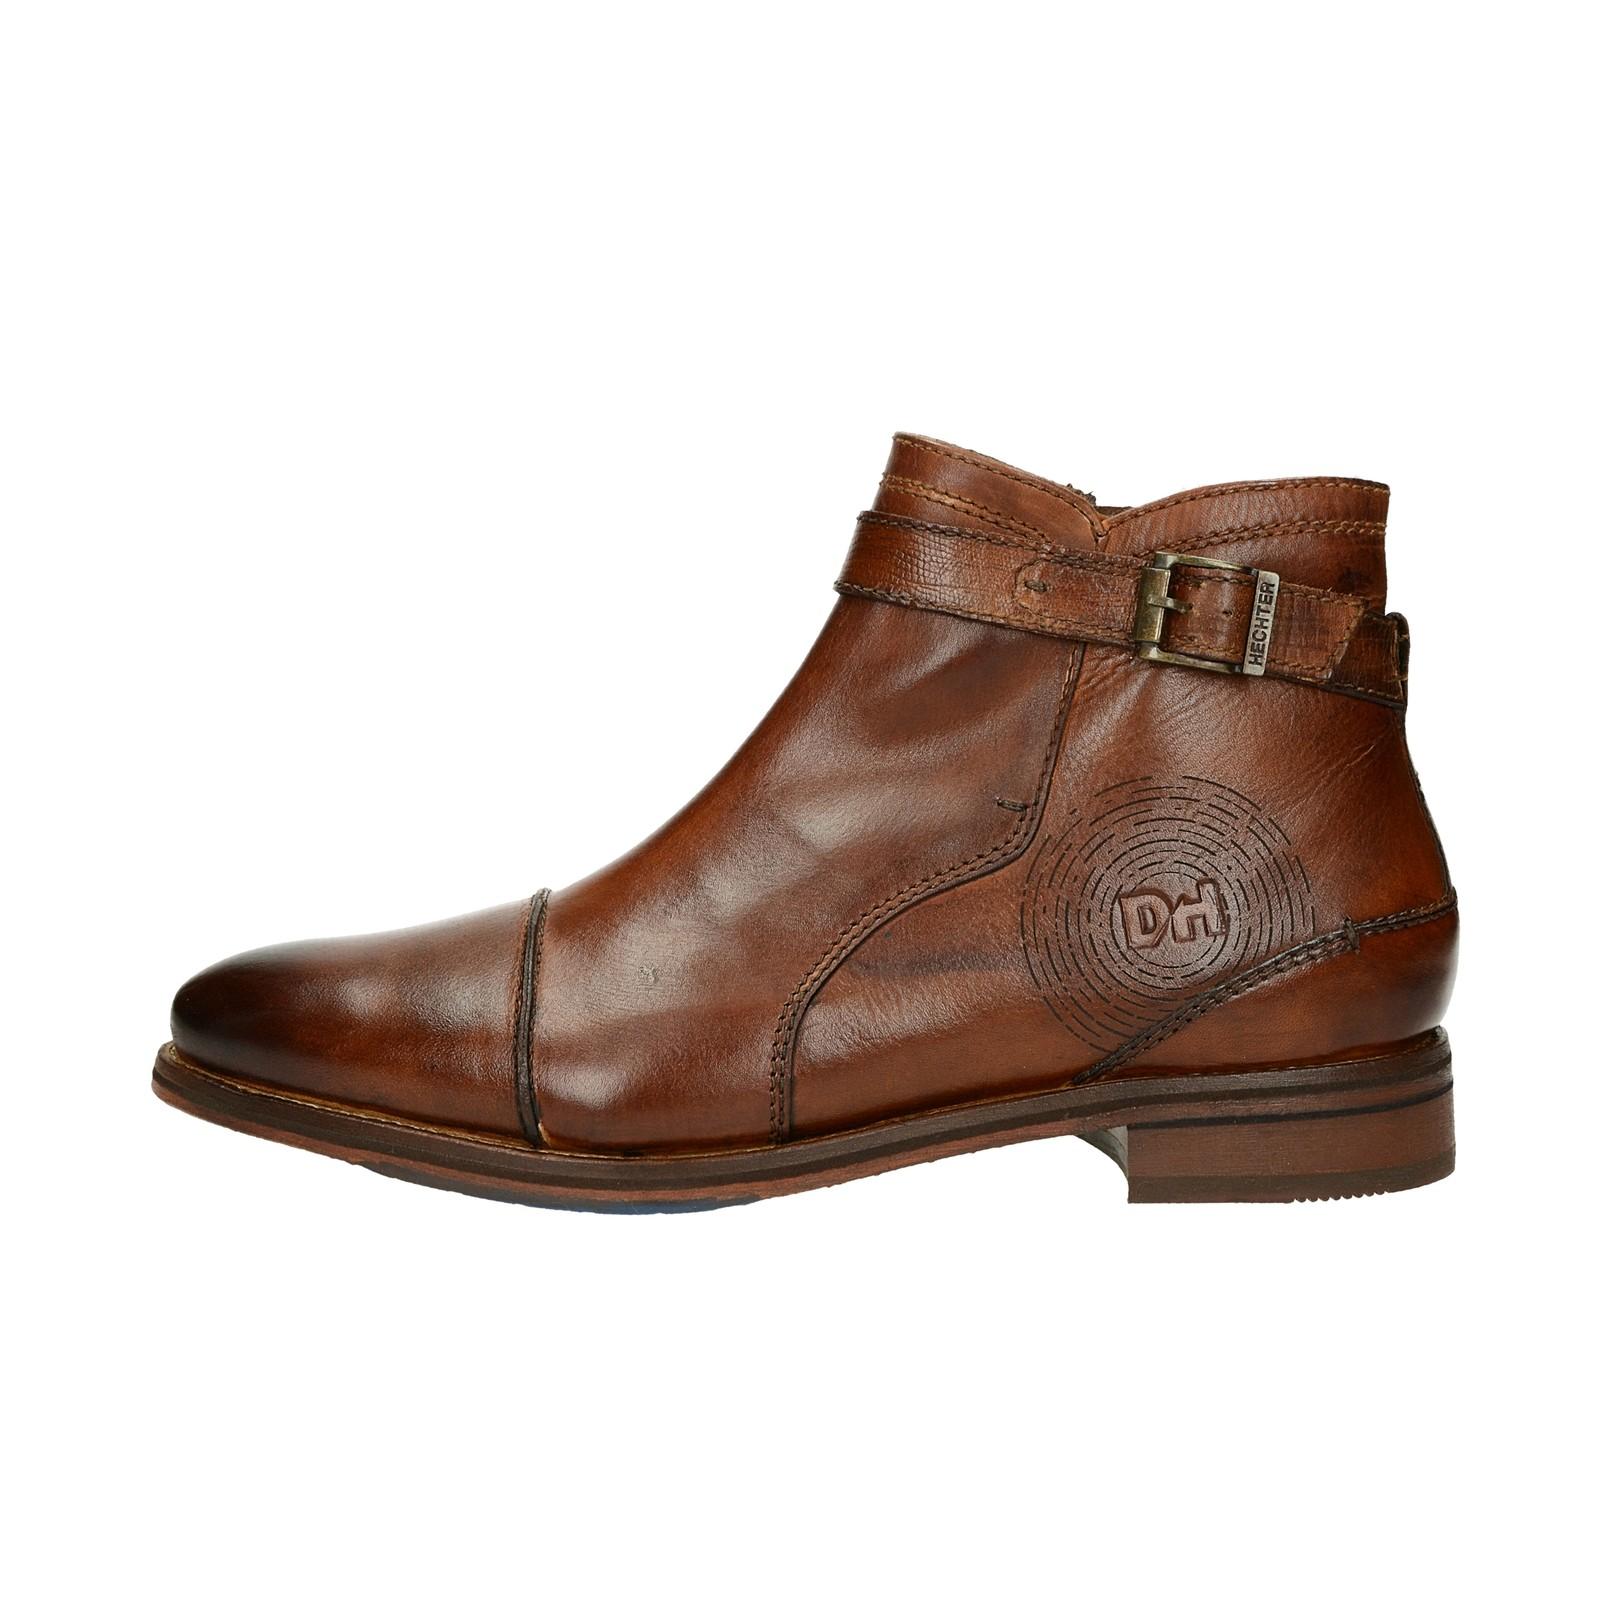 ... Daniel Hechter pánská zateplená kotníková obuv - hnedá ... 9842c9a42c